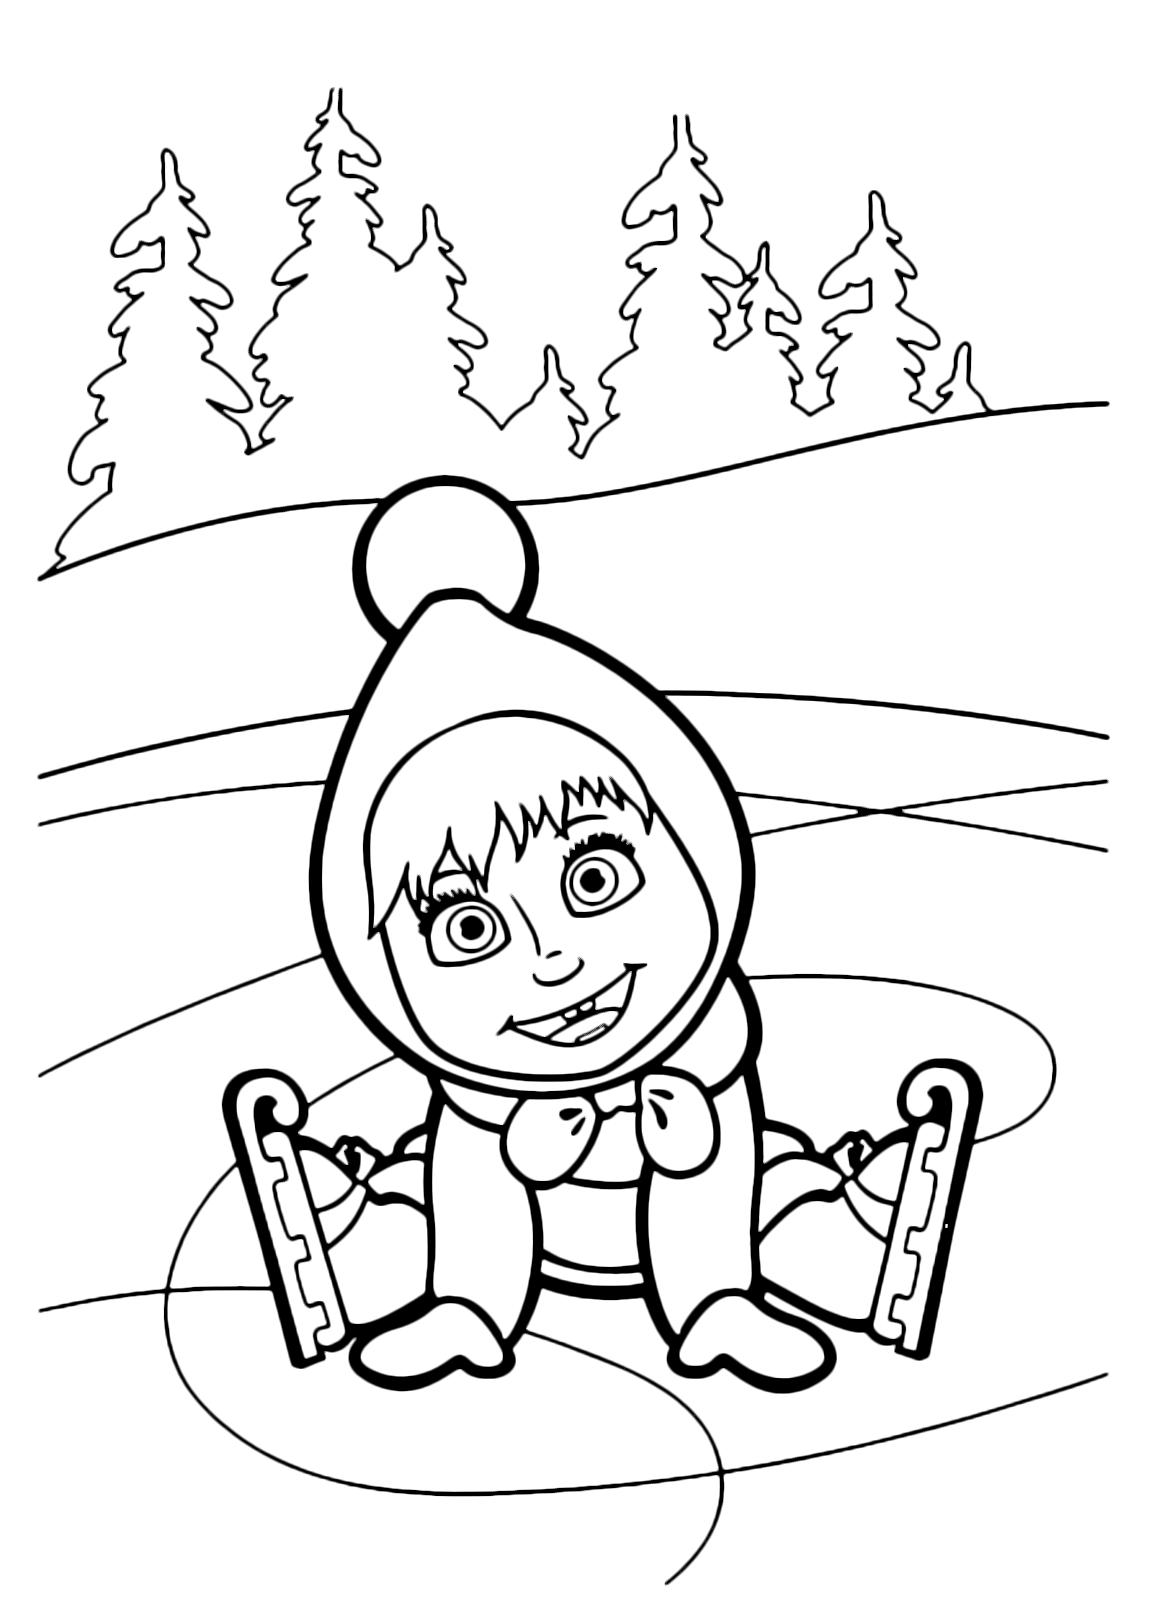 Masha e orso masha caduta con i pattini sul ghiaccio for Masha e orso disegni da colorare